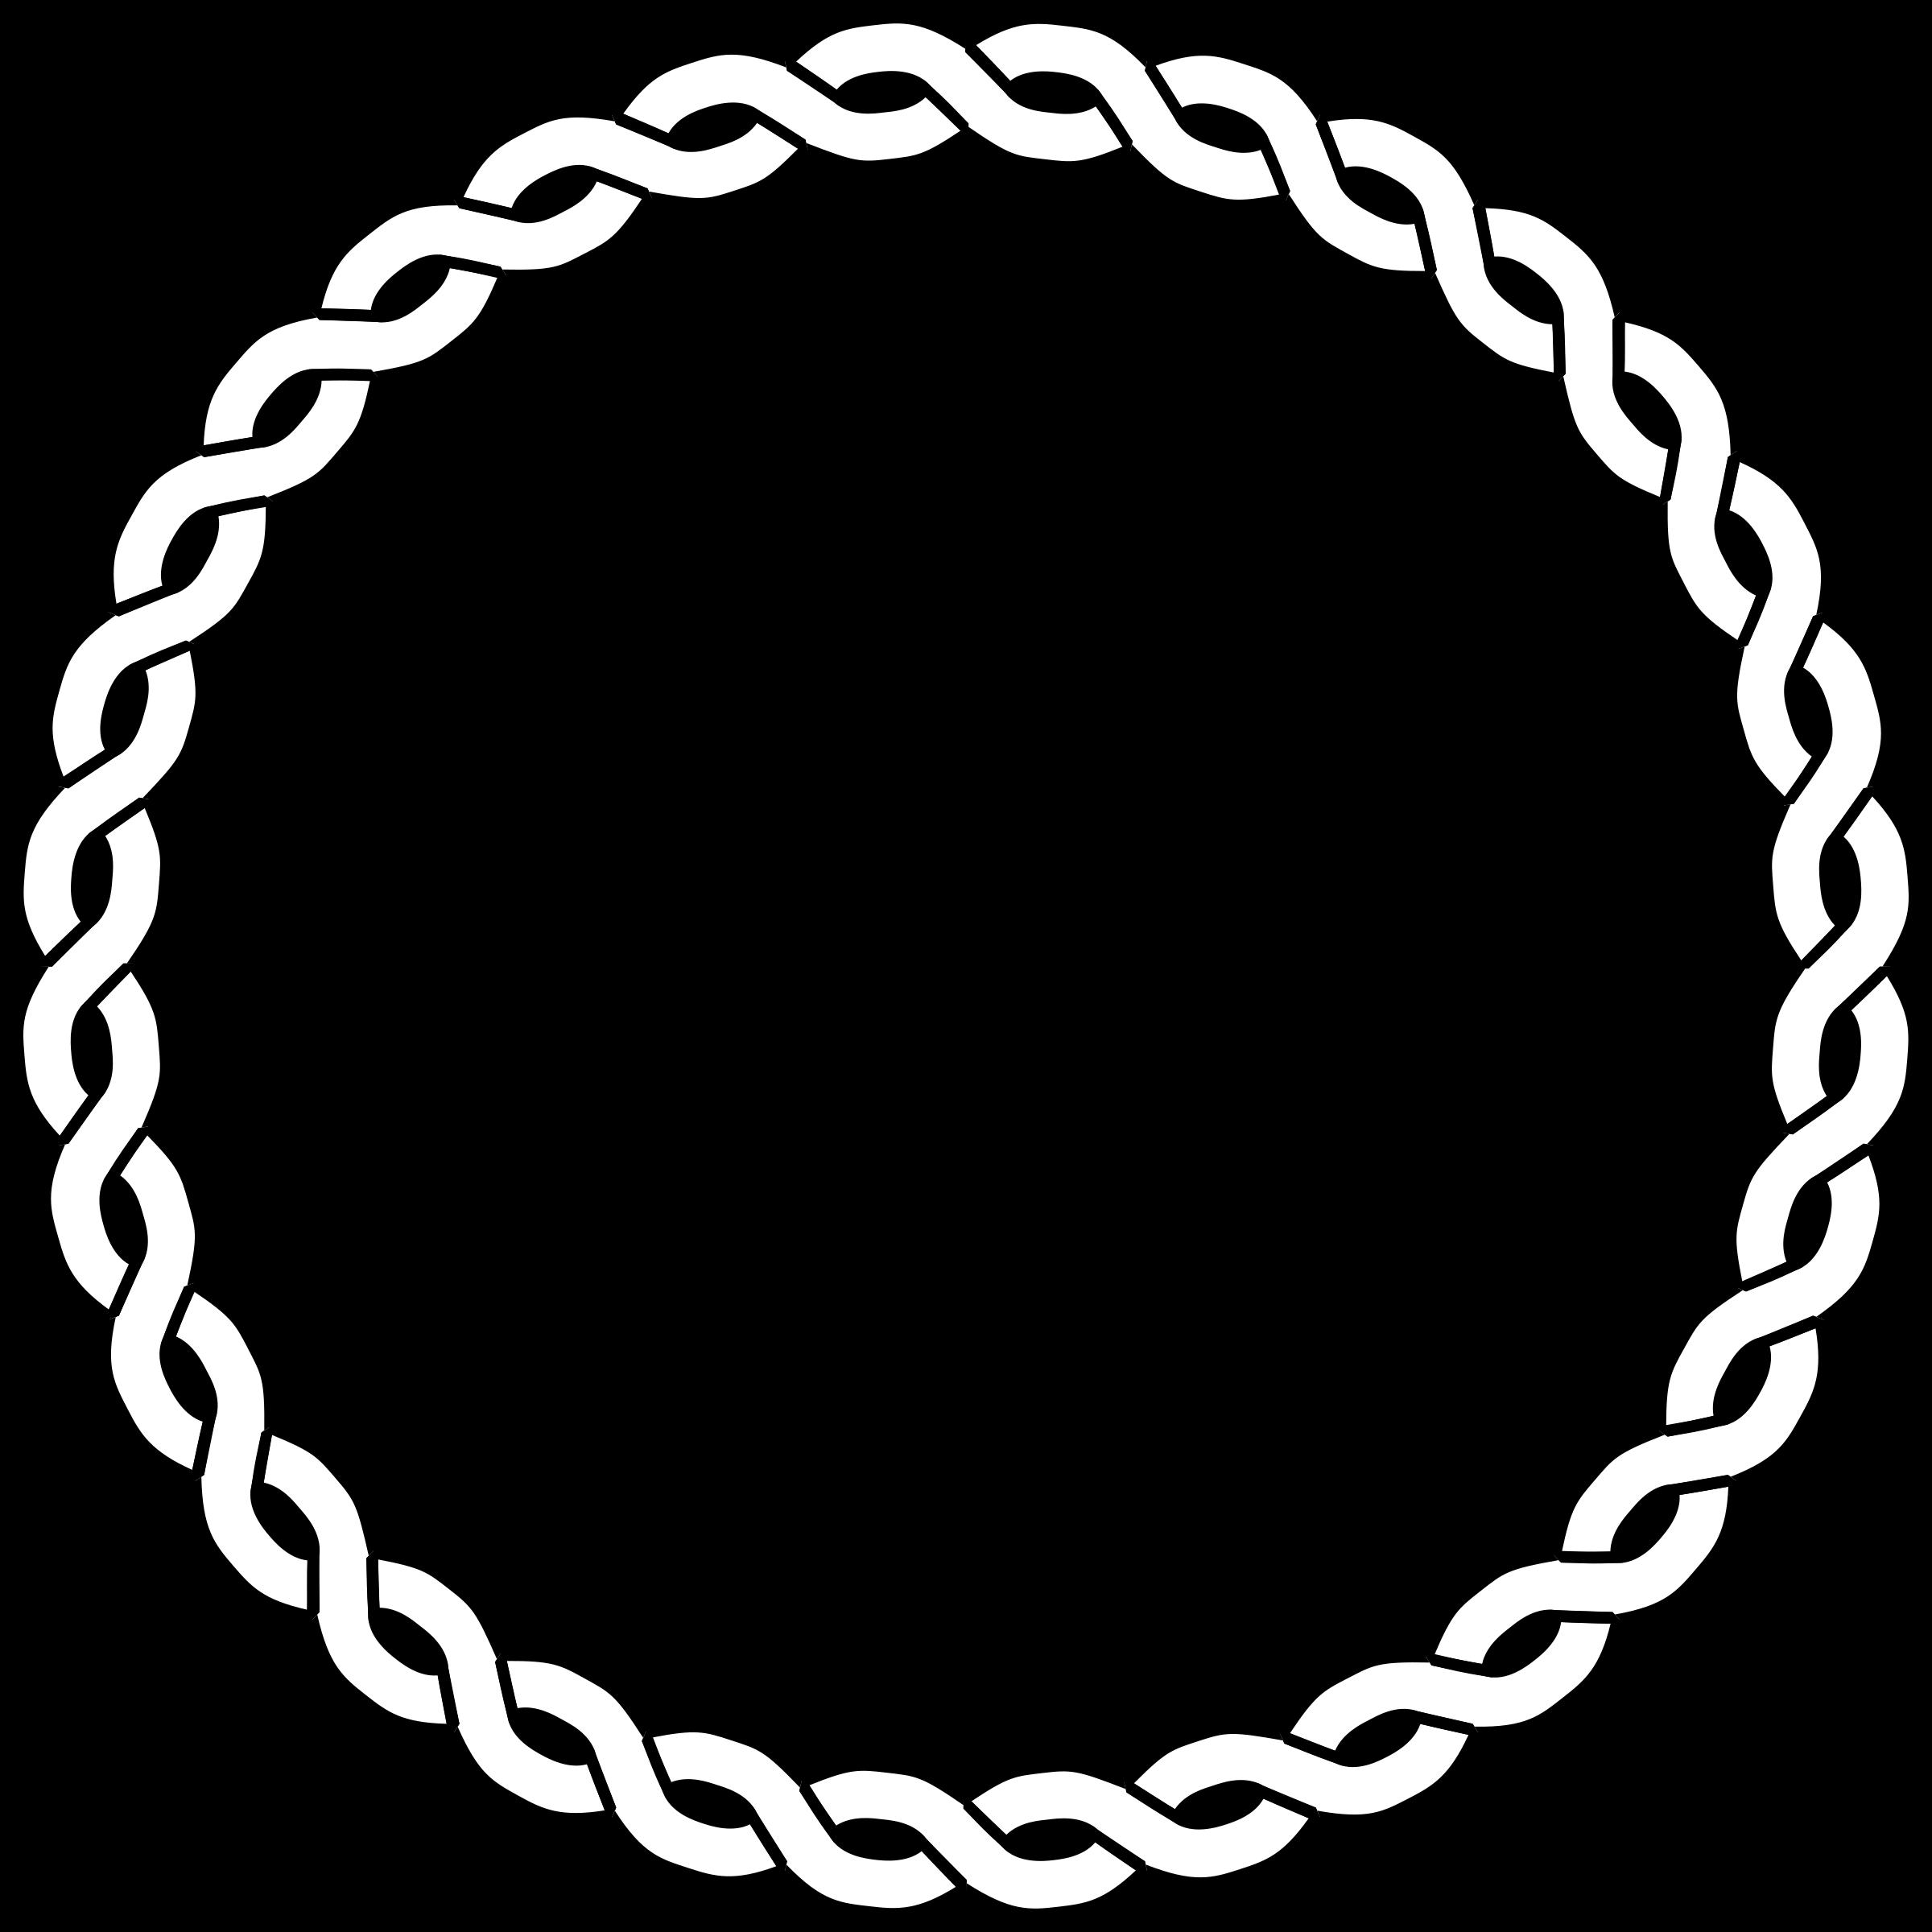 Clipart rope big image. Circle border png